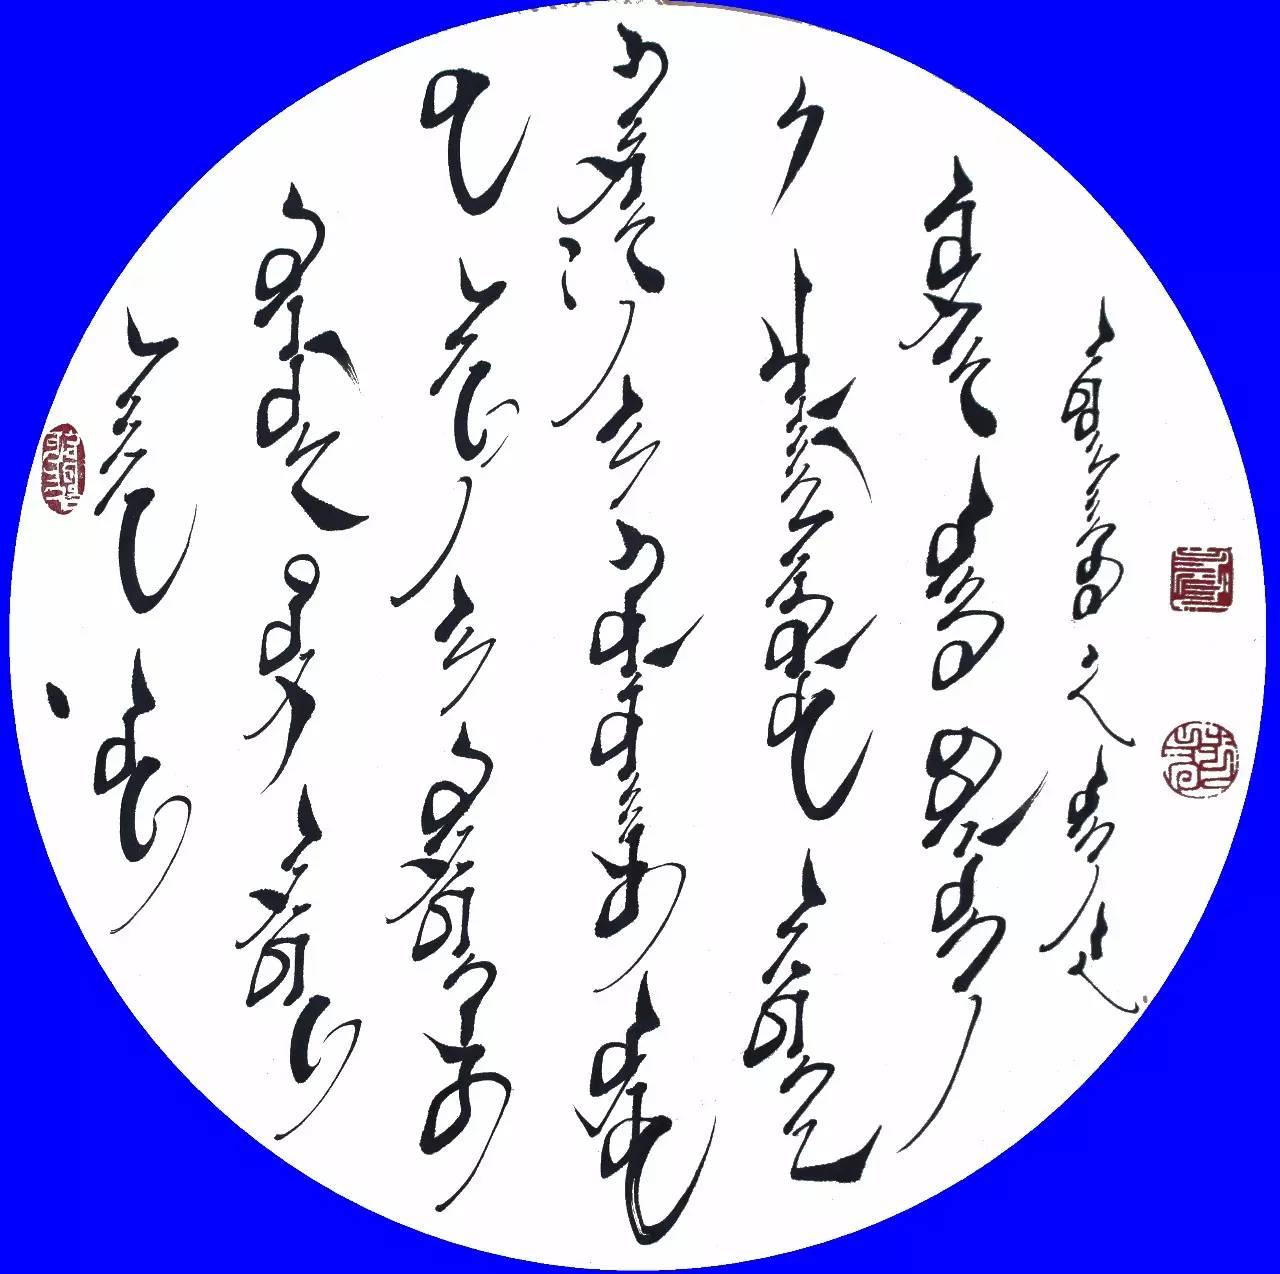 海山蒙古文书法作品欣赏 第8张